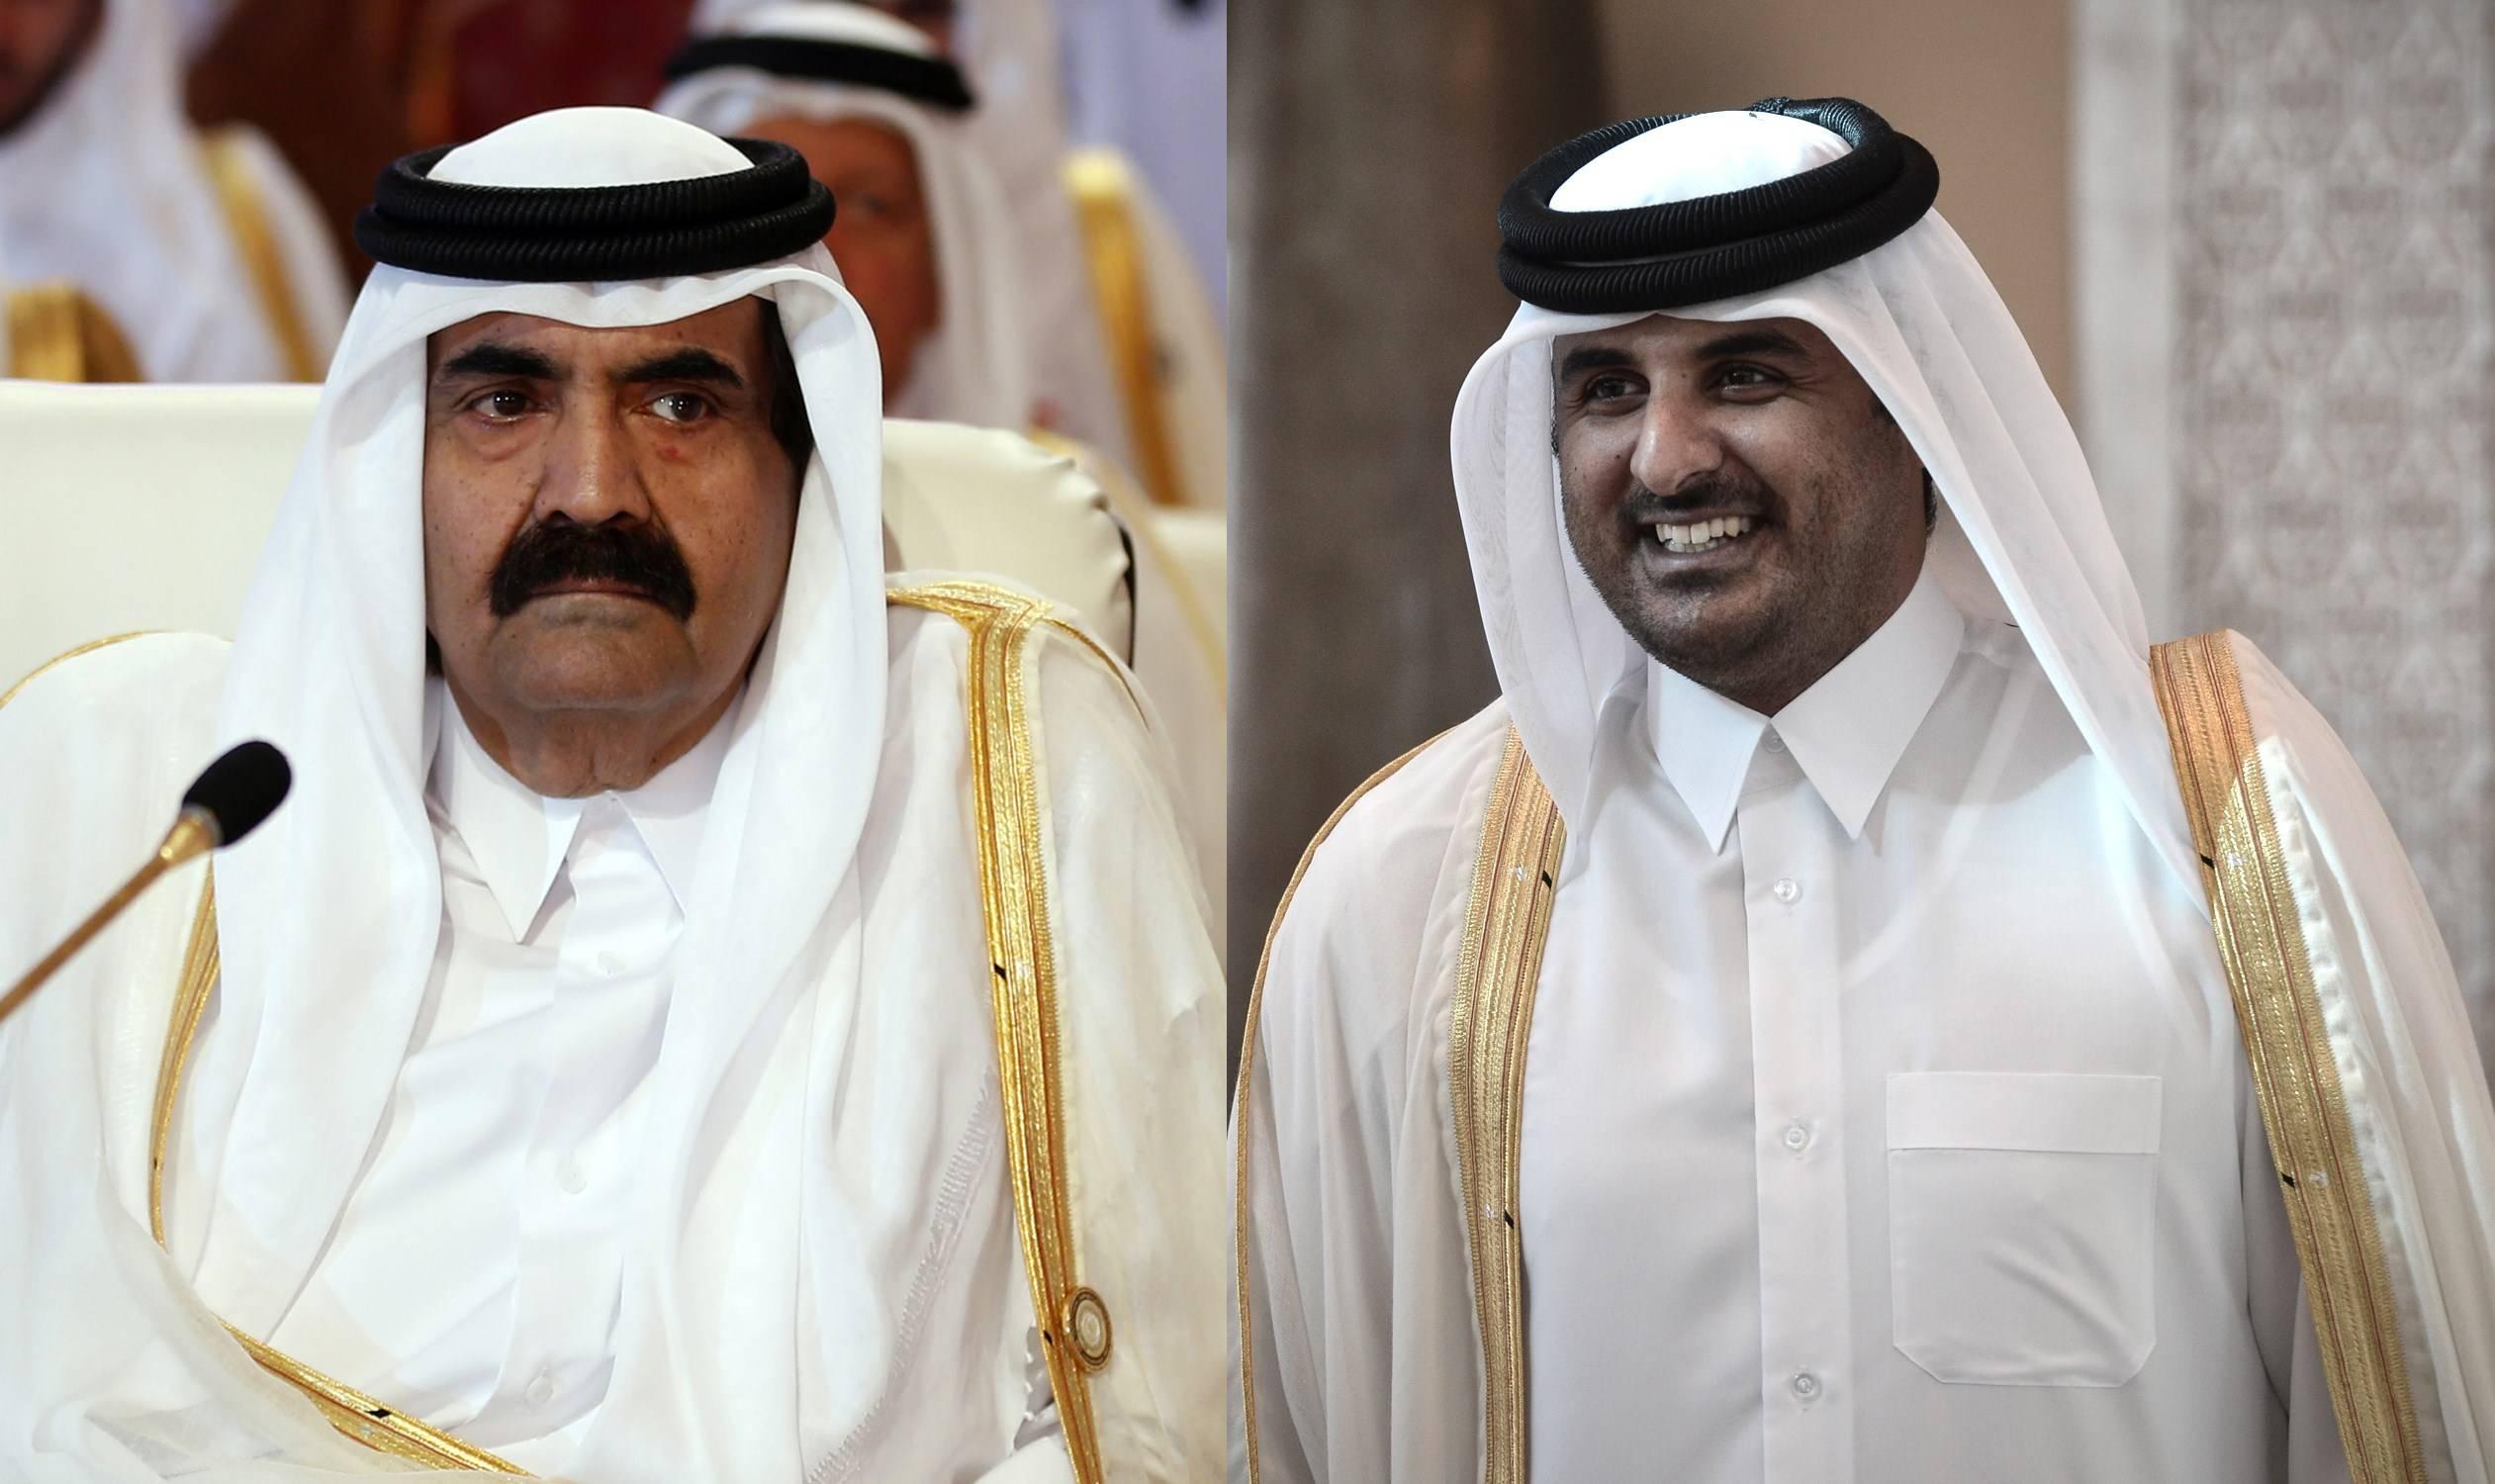 السعودية تسعى للاطاحة بأمير قطر من منصبه وترفض اعتذار قطر